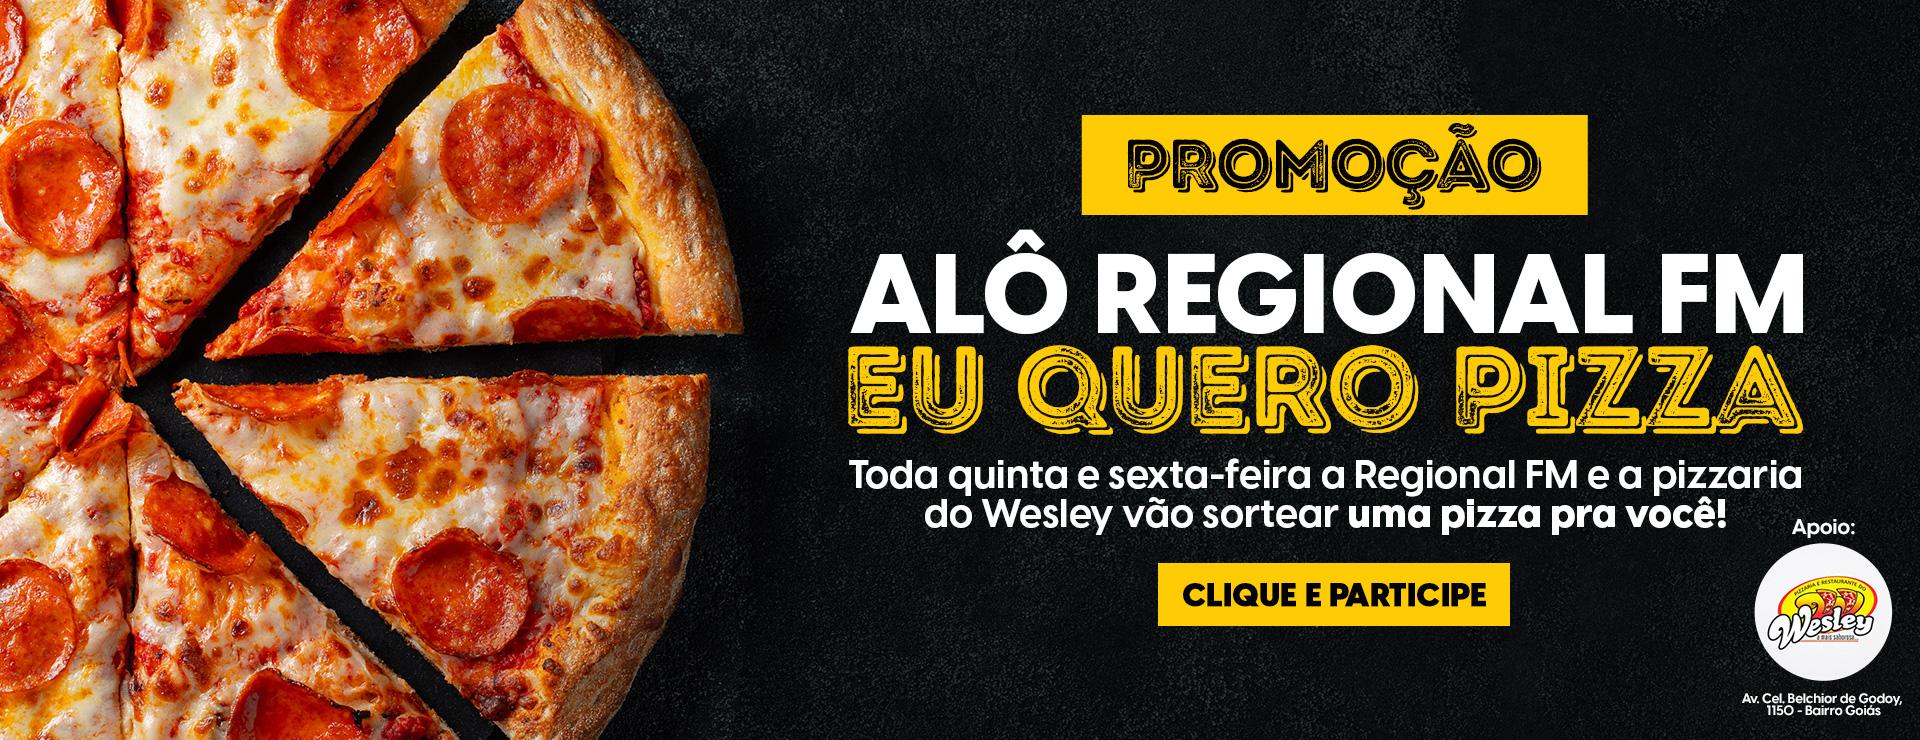 PROMOÇÃO EU QUERO PIZZA